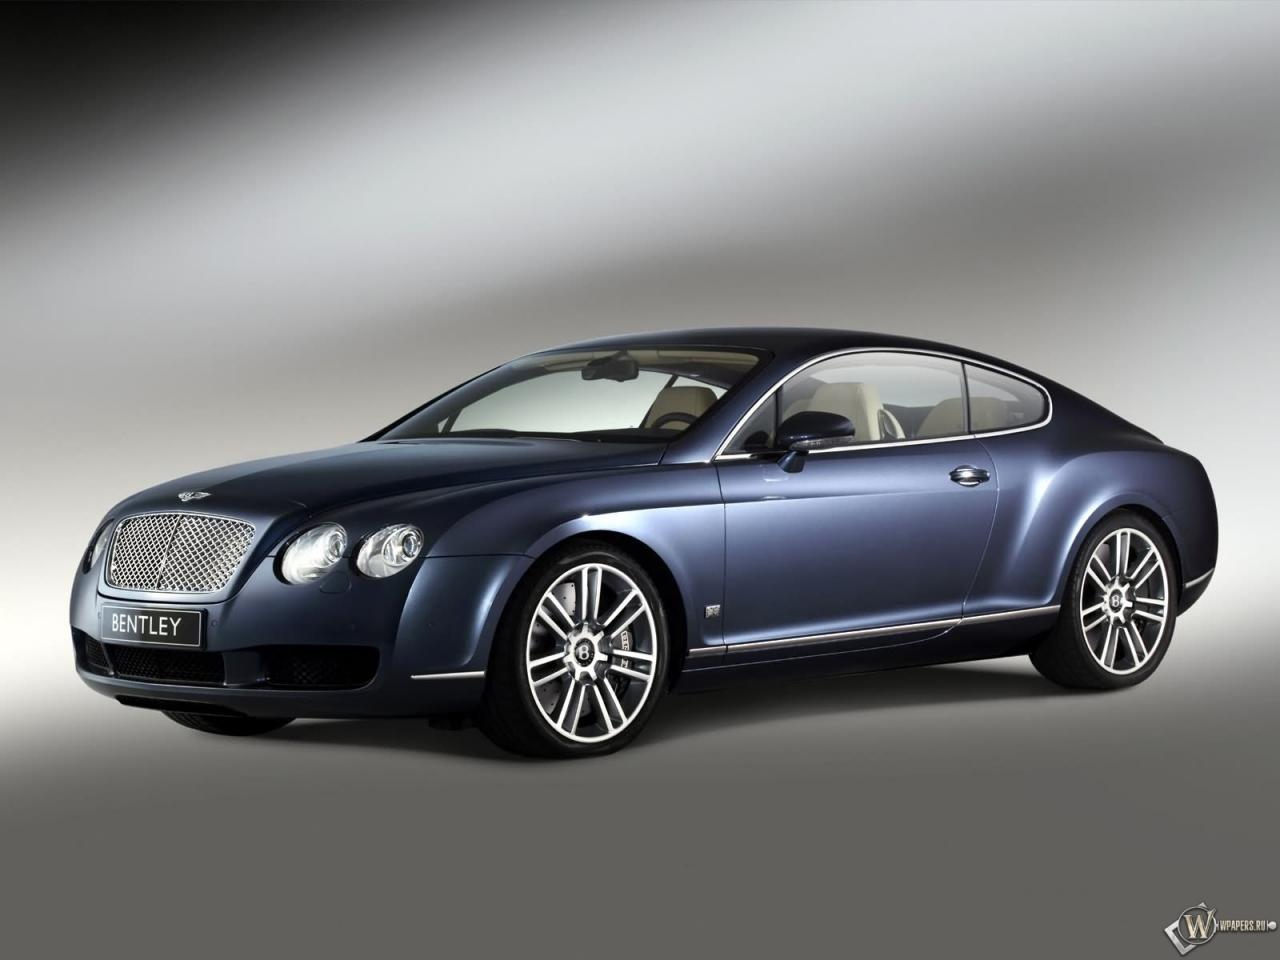 Bentley Continental GT 1280x960